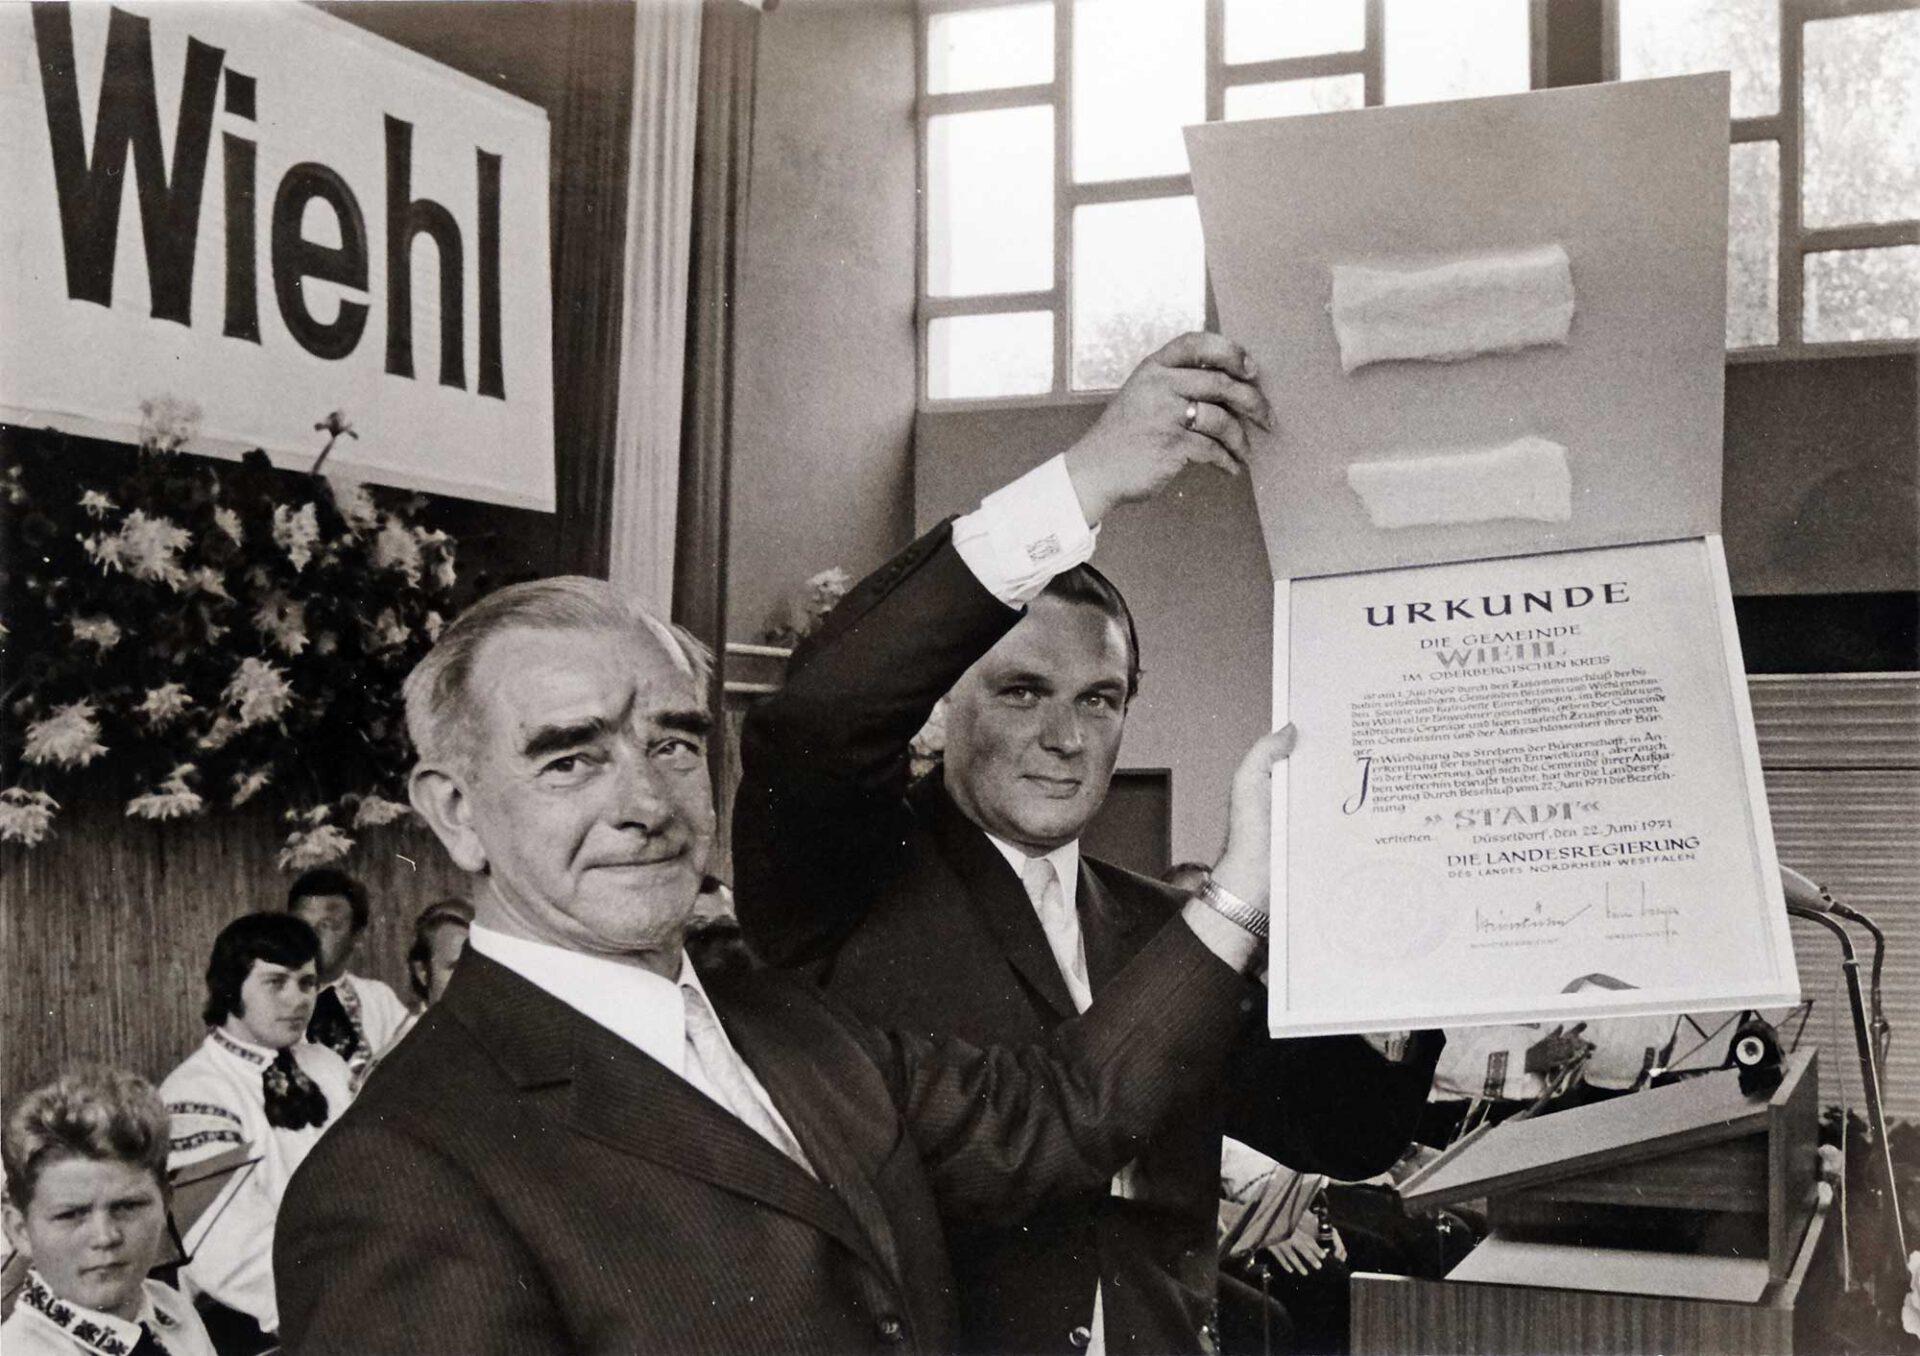 Stolz präsentieren beim Festakt am 21. August 1971 Bürgermeister Ernst Hardt (l.) und Stadtdirektor Horst Waffenschmidt die Urkunde zur Stadtwerdung